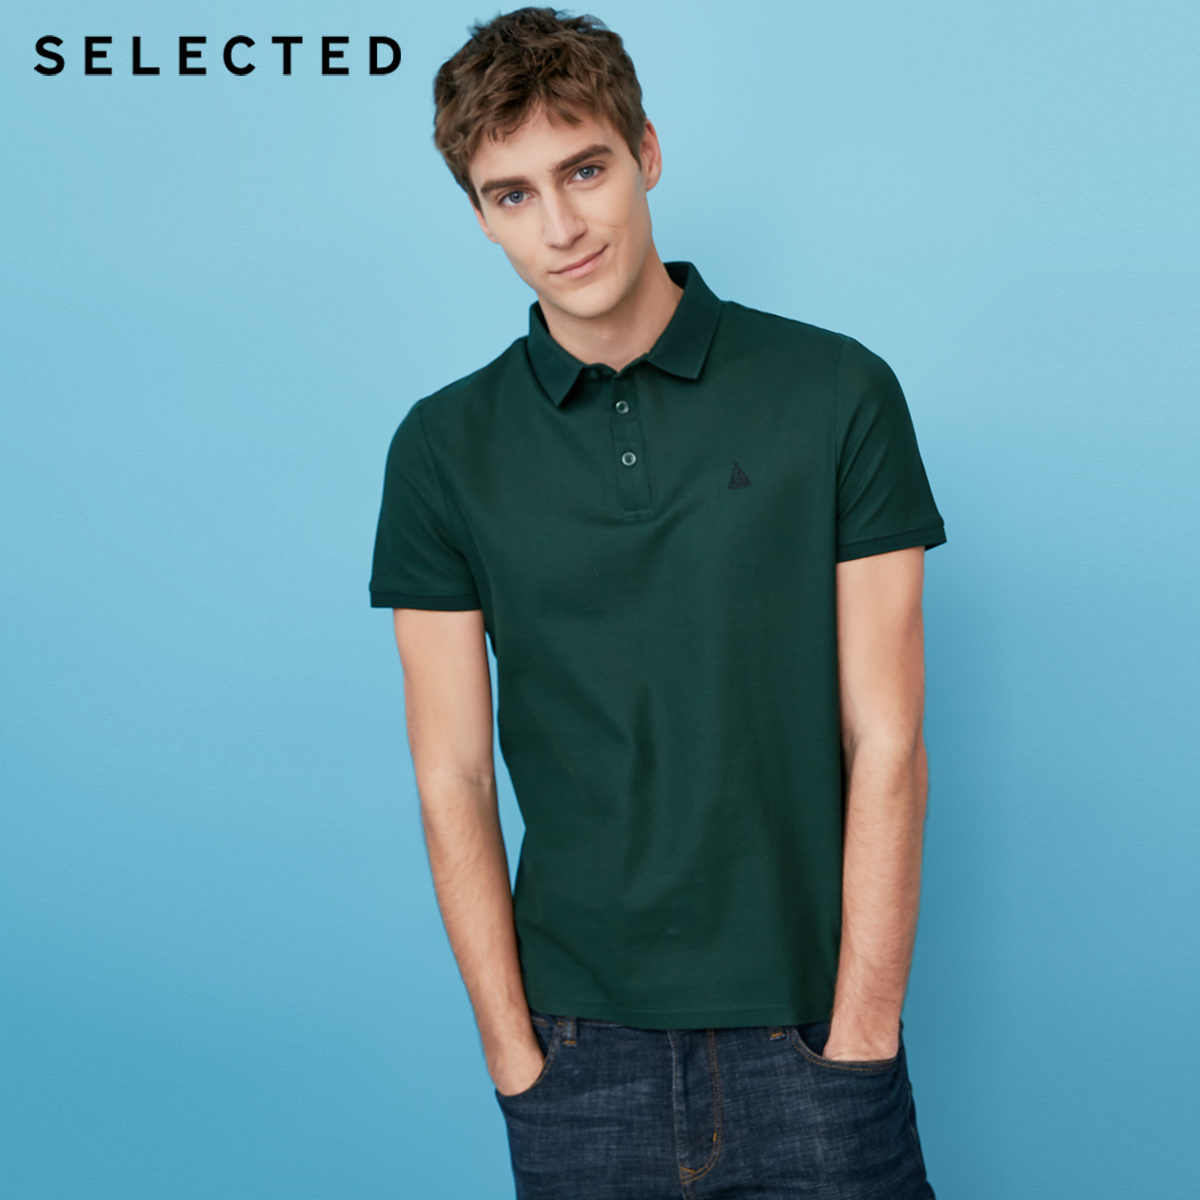 Избранные Новые мужские хлопковые вышитые повседневные шорты-рукав лацканы Футболки S | 41823Z525